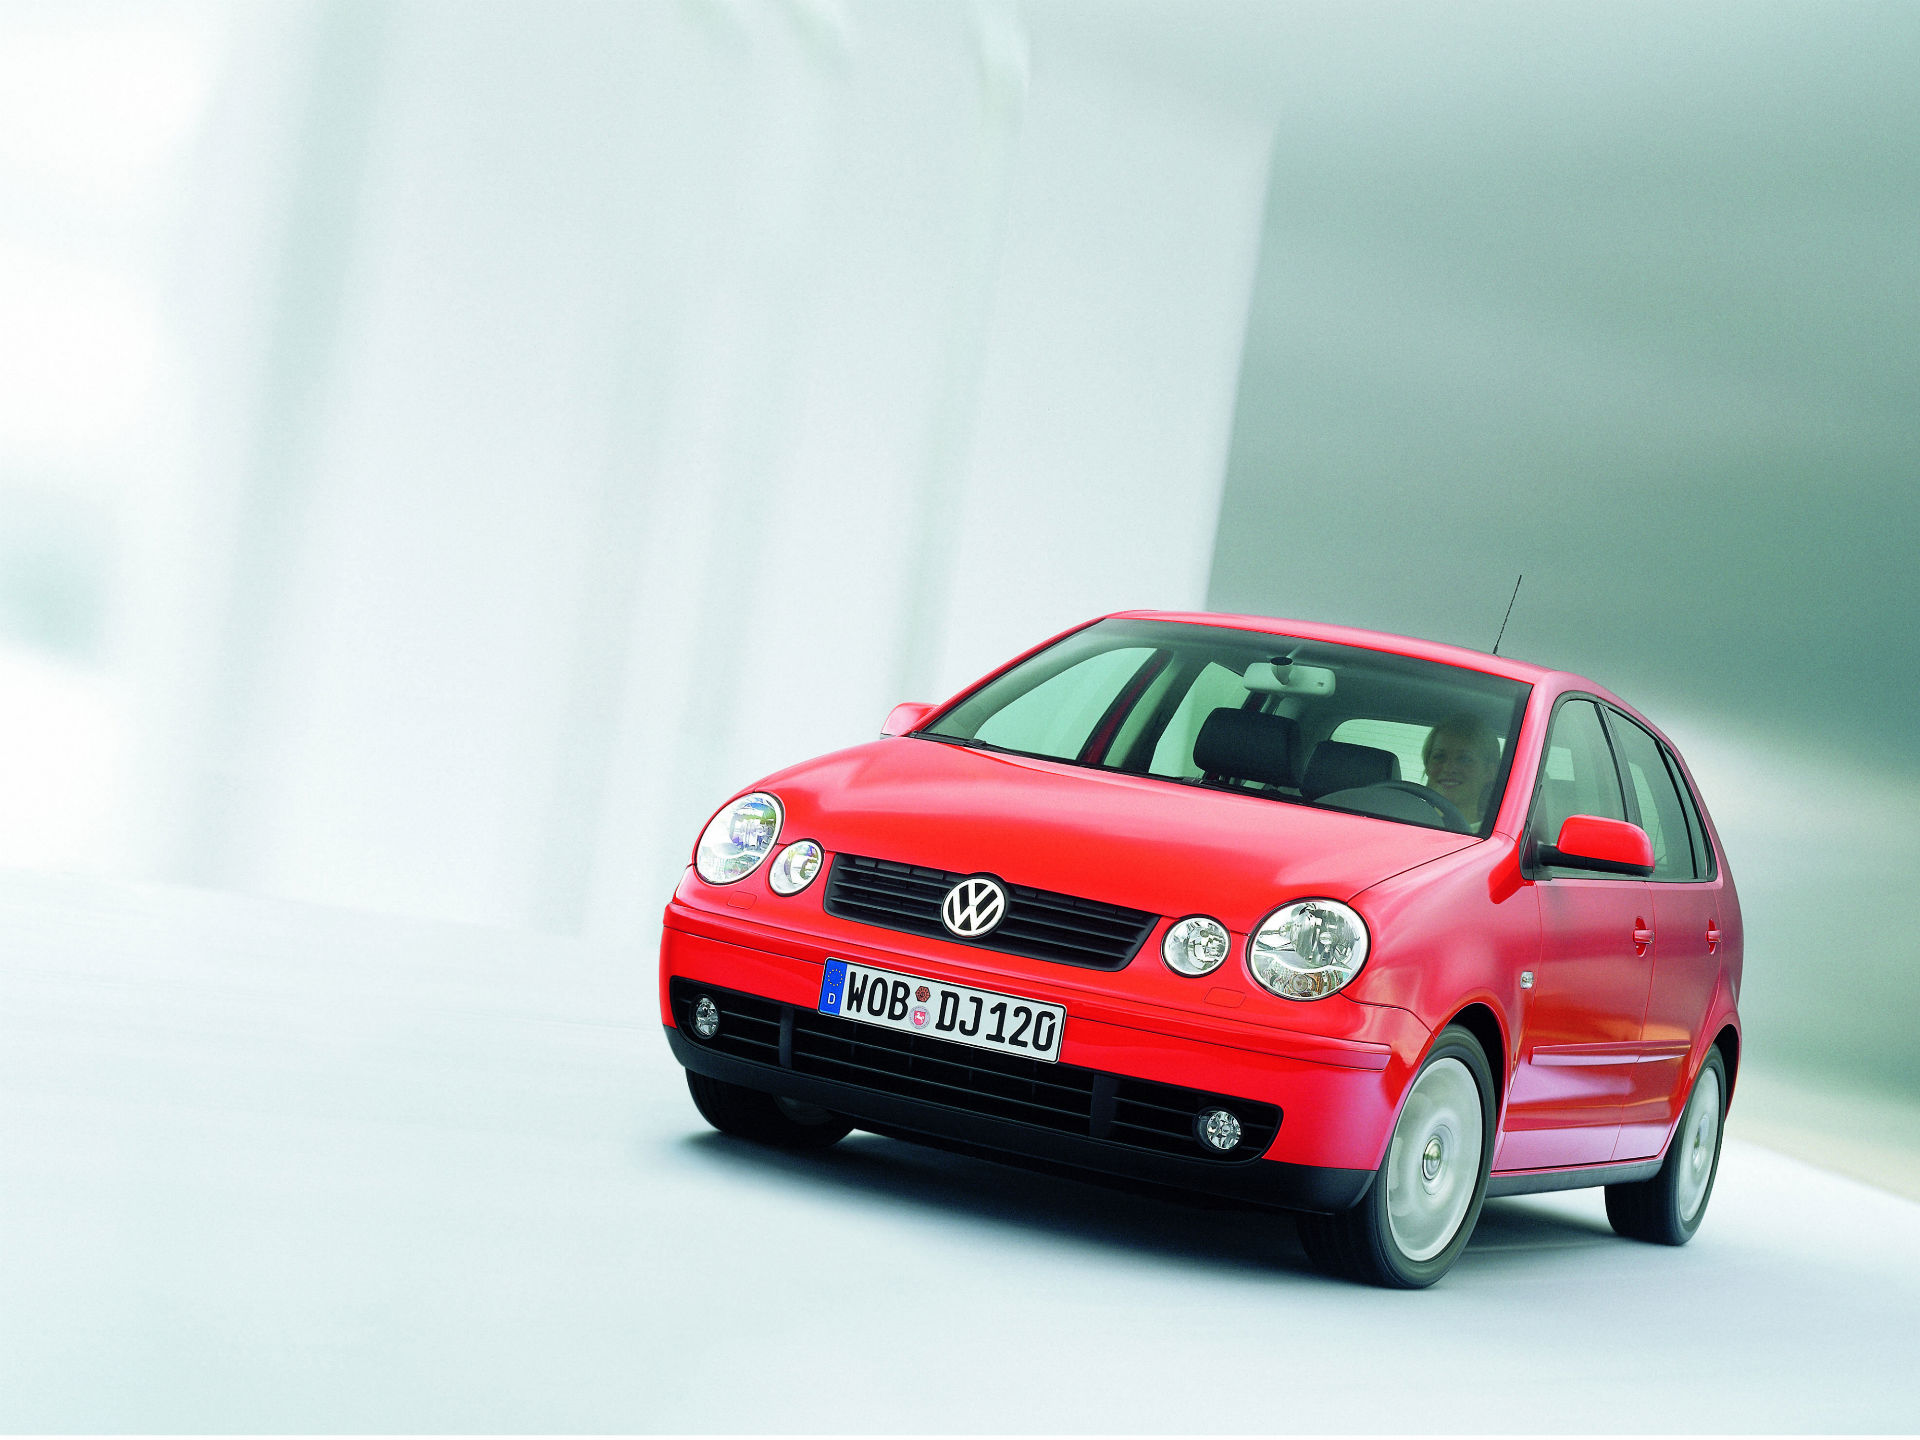 Su propia silueta y diseño frontal, fueron famoso en todo el mundo. En México se ofreció por primera vez con ése nombre y en carrocería sedán y hatchback. Foto: Volkswagen